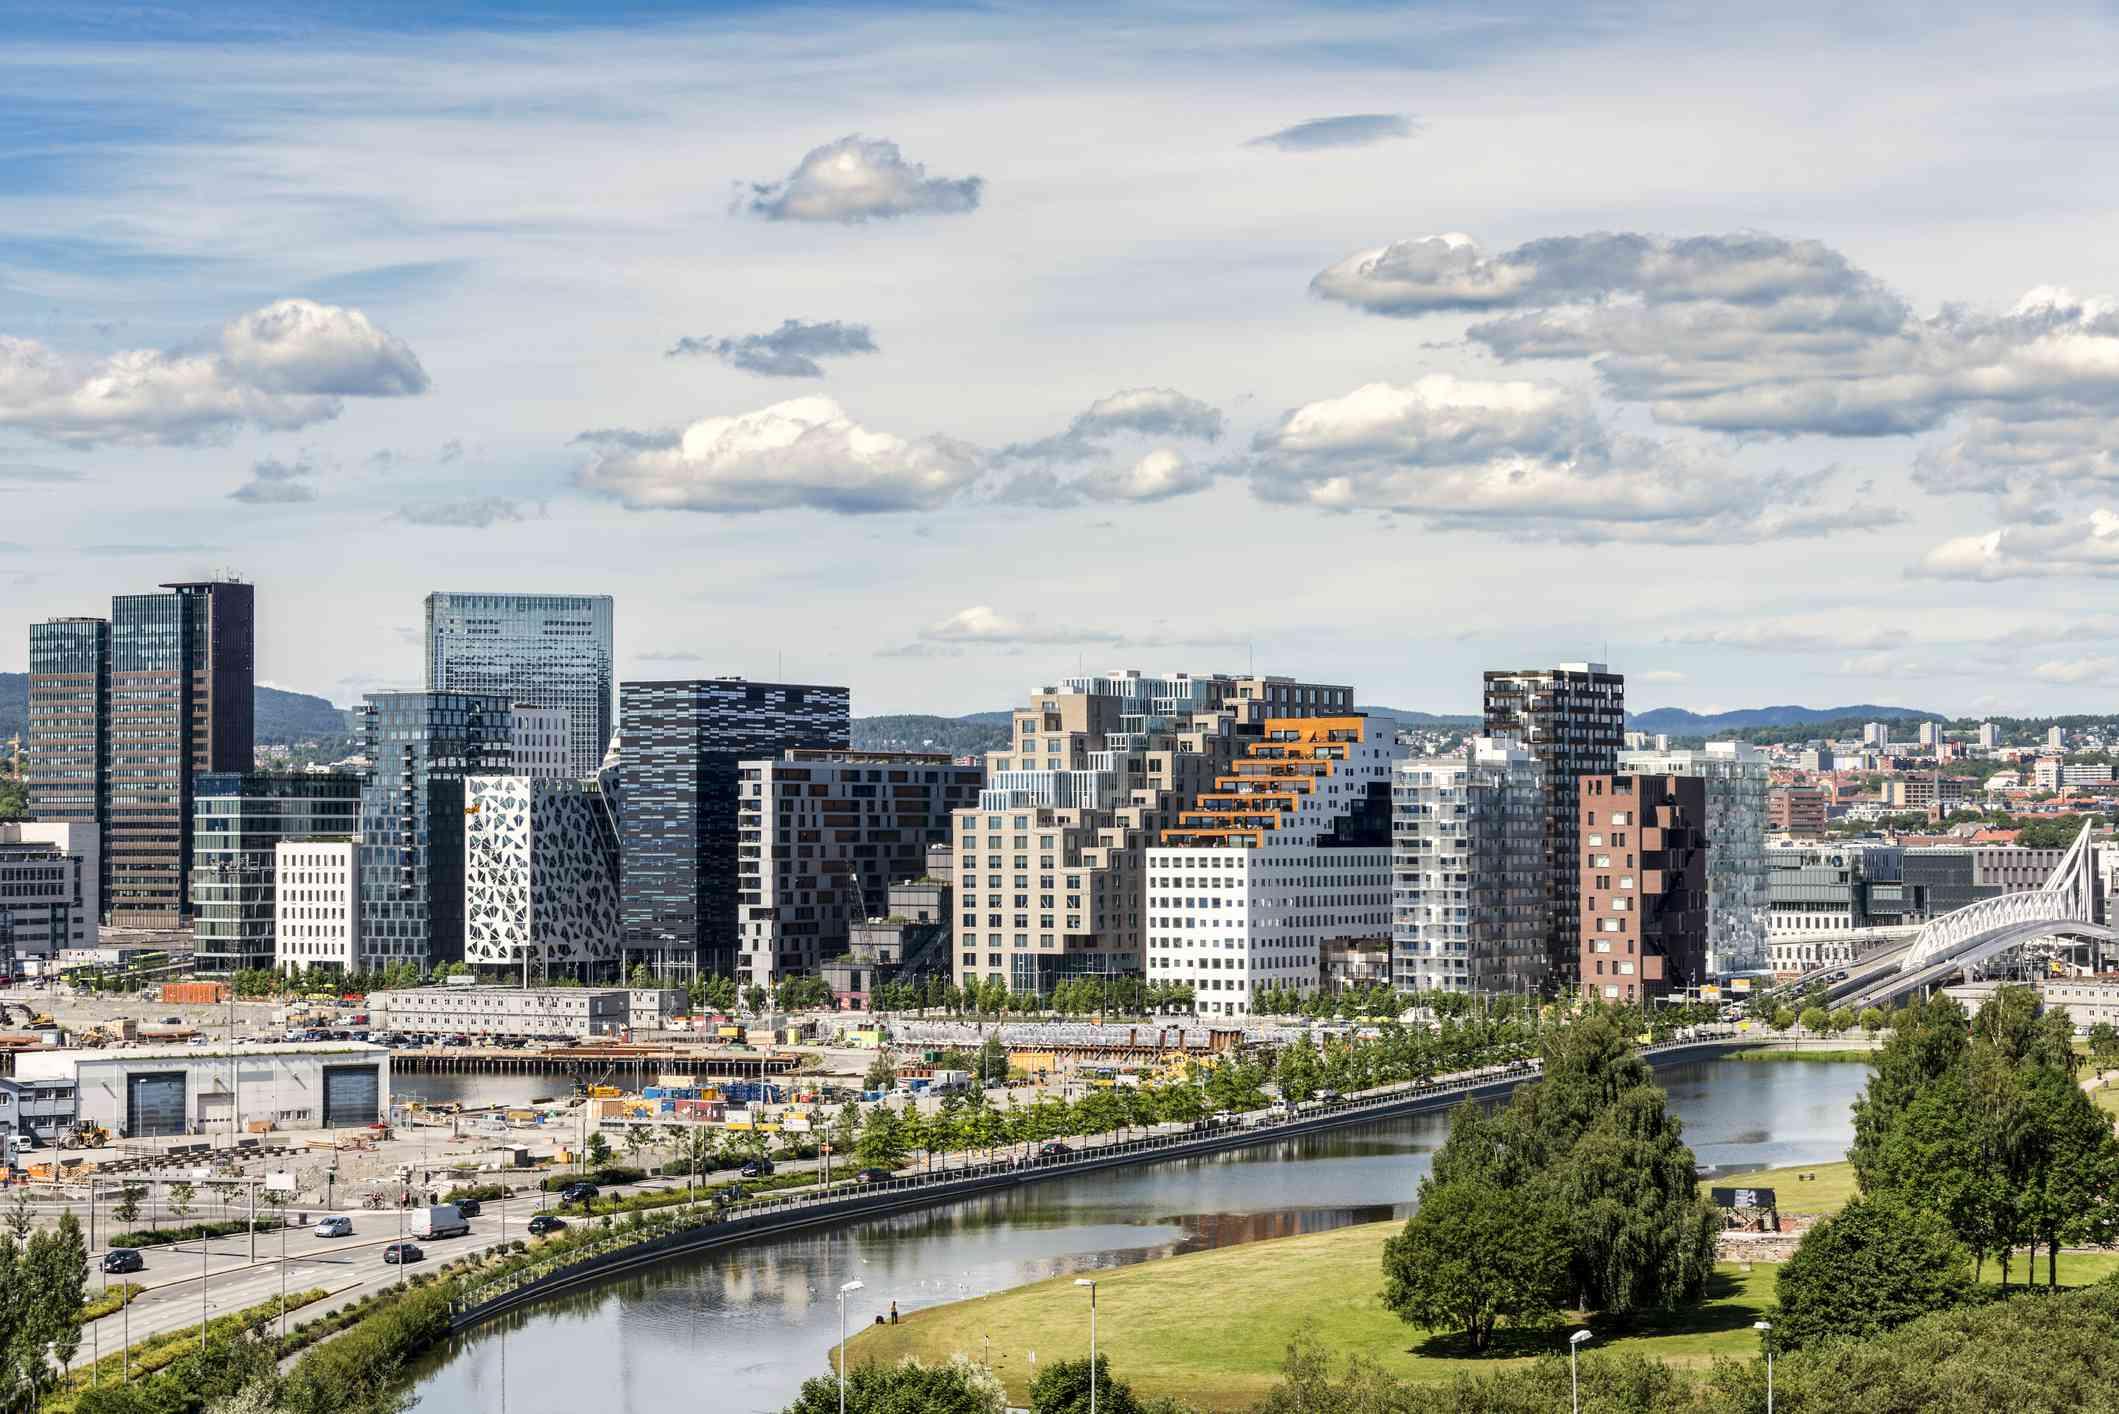 The Bjorvika district is Oslo, Norway